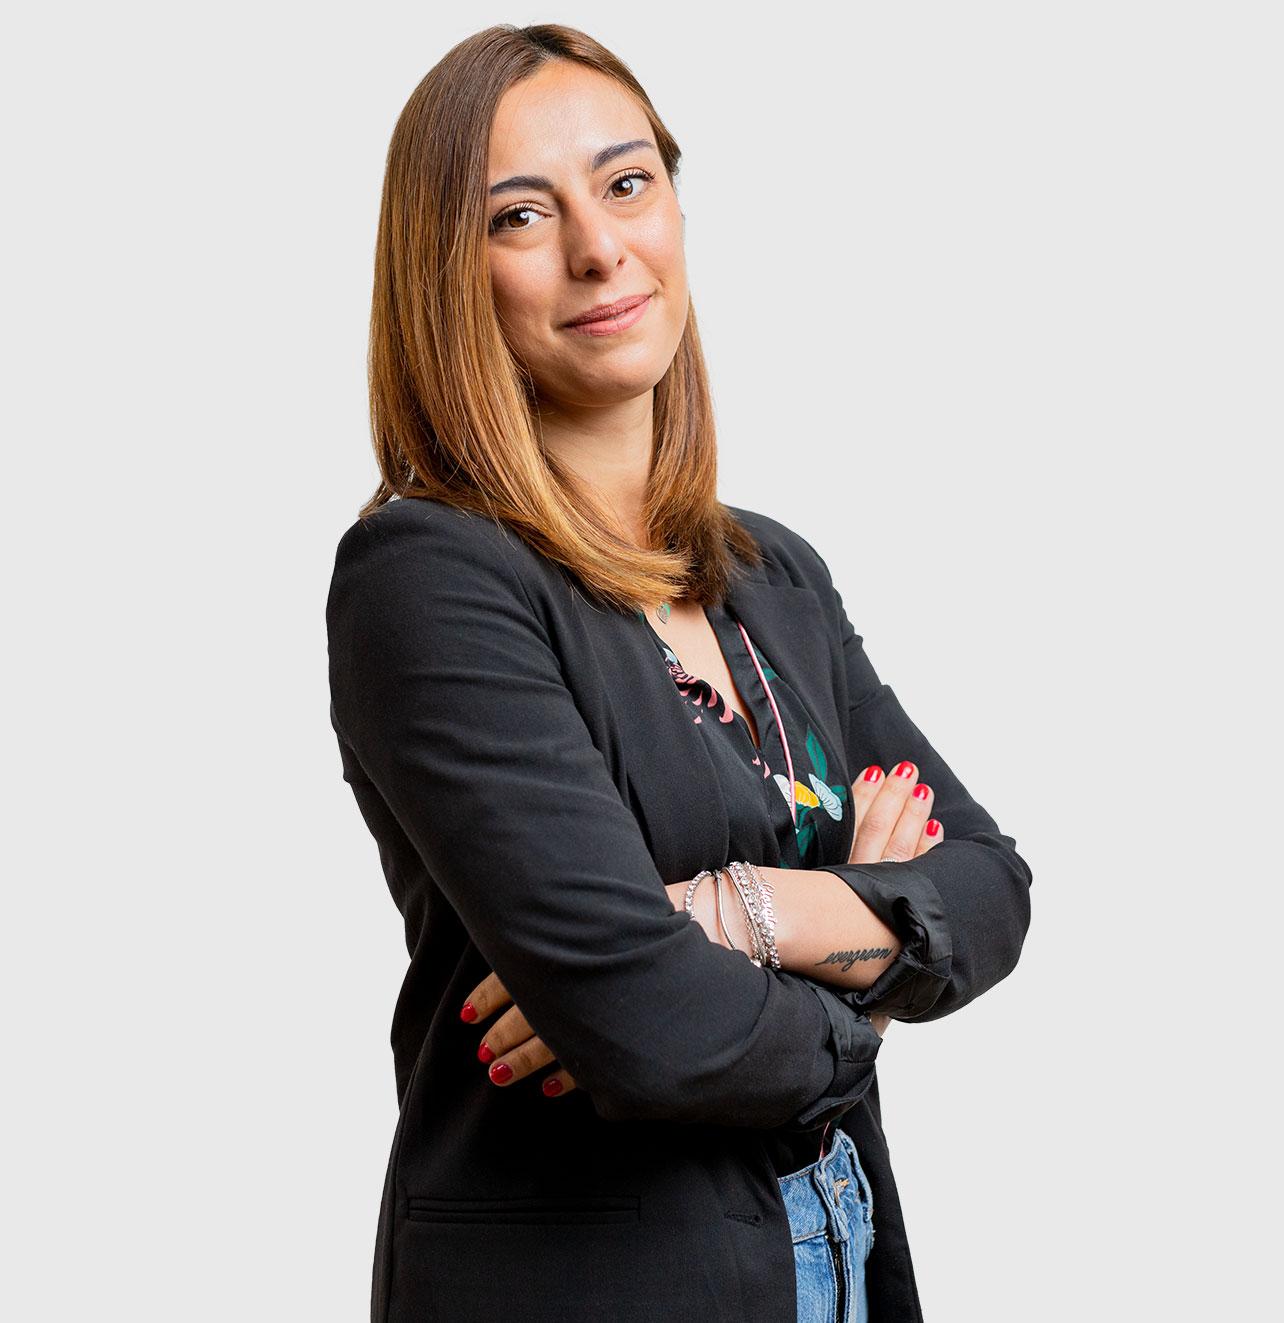 Giorgia Mardente